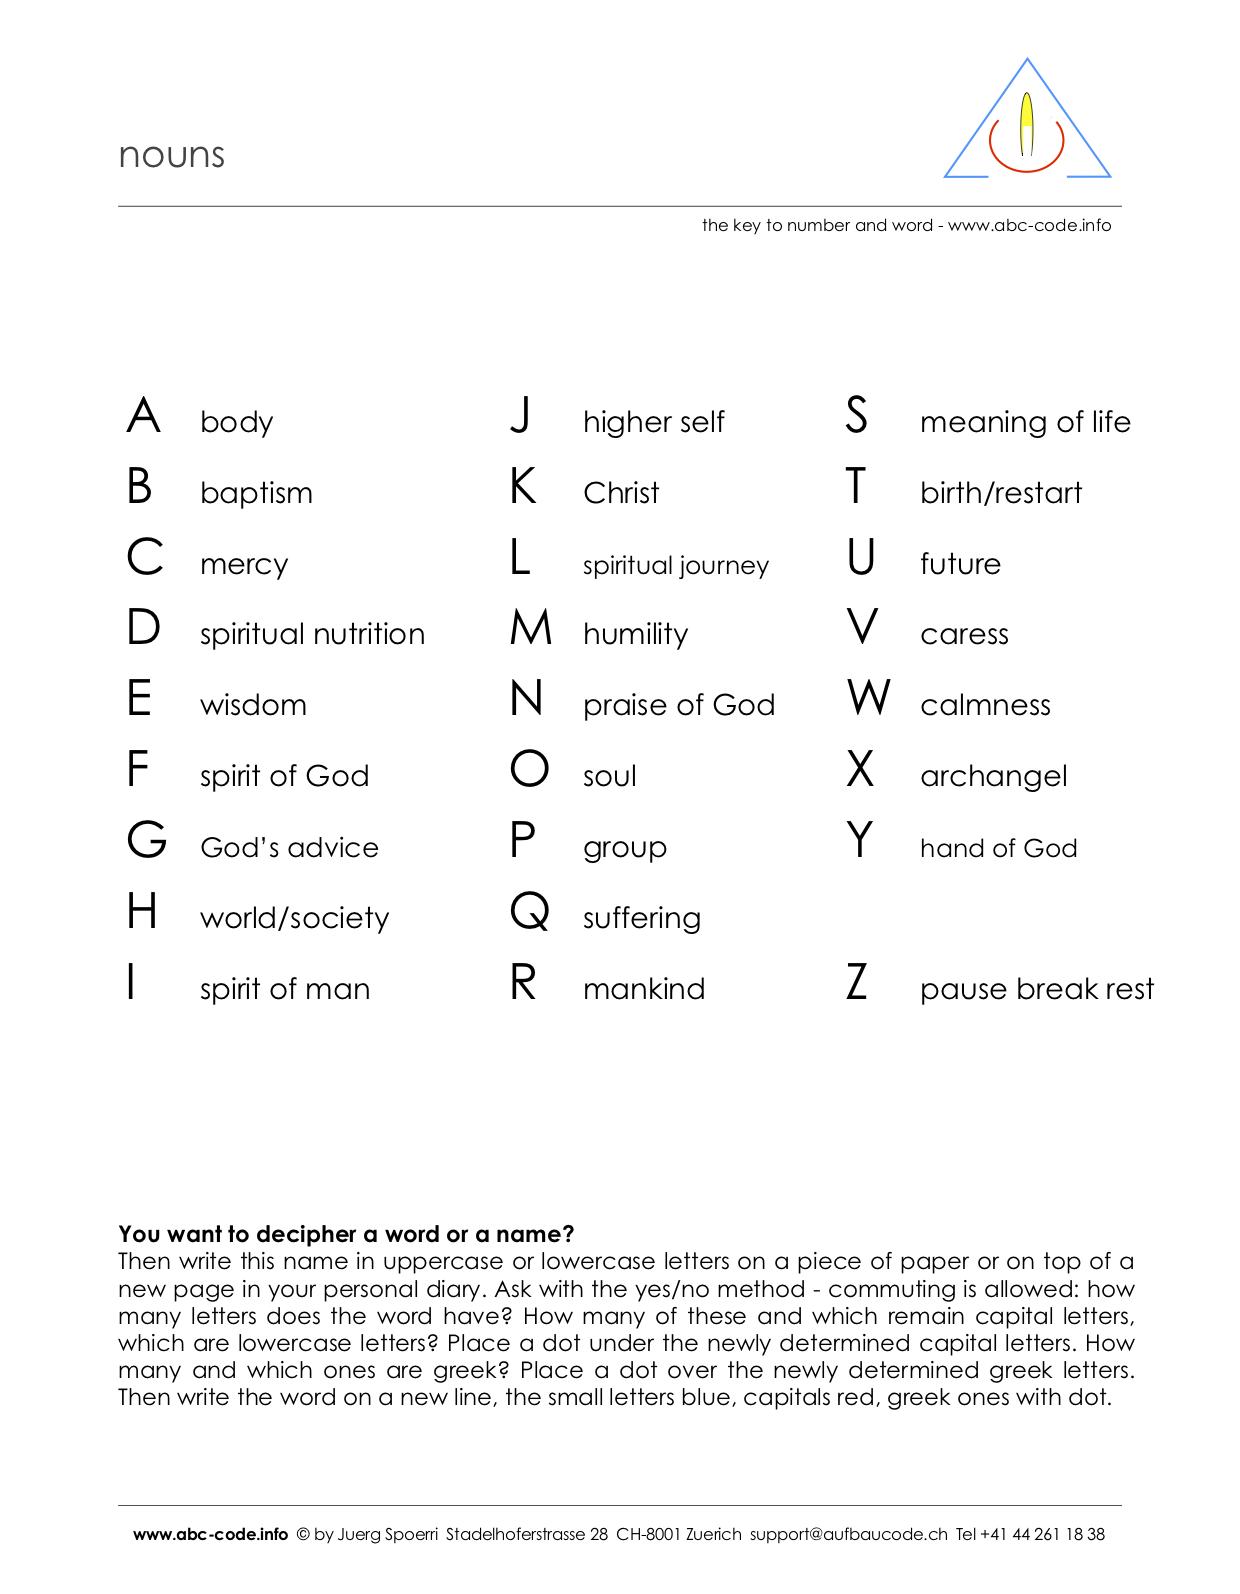 abc-code.info - nouns